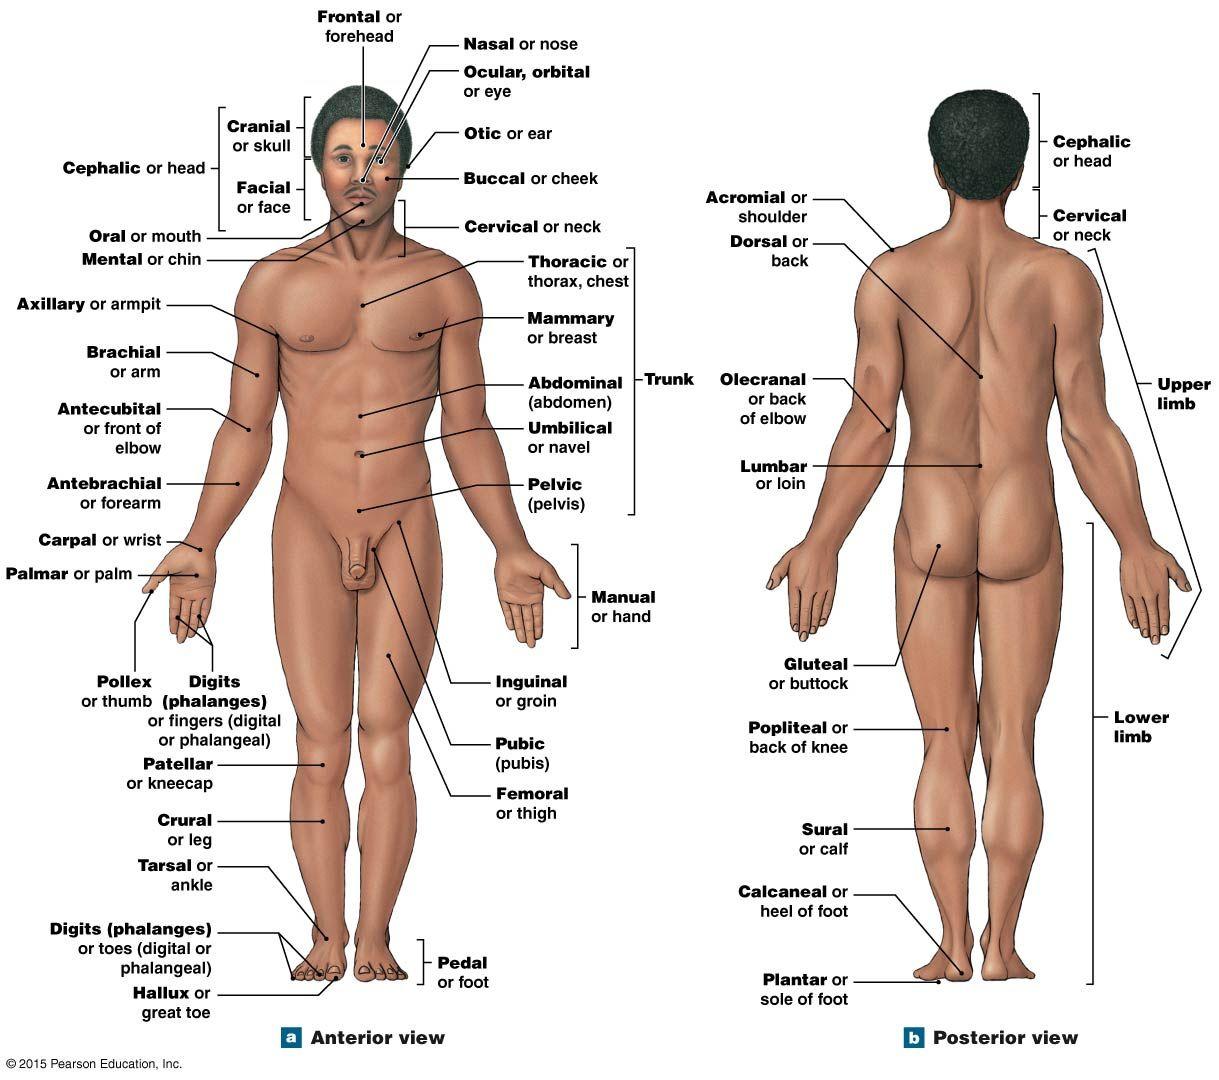 anatomical landmarks - Juve.cenitdelacabrera.co